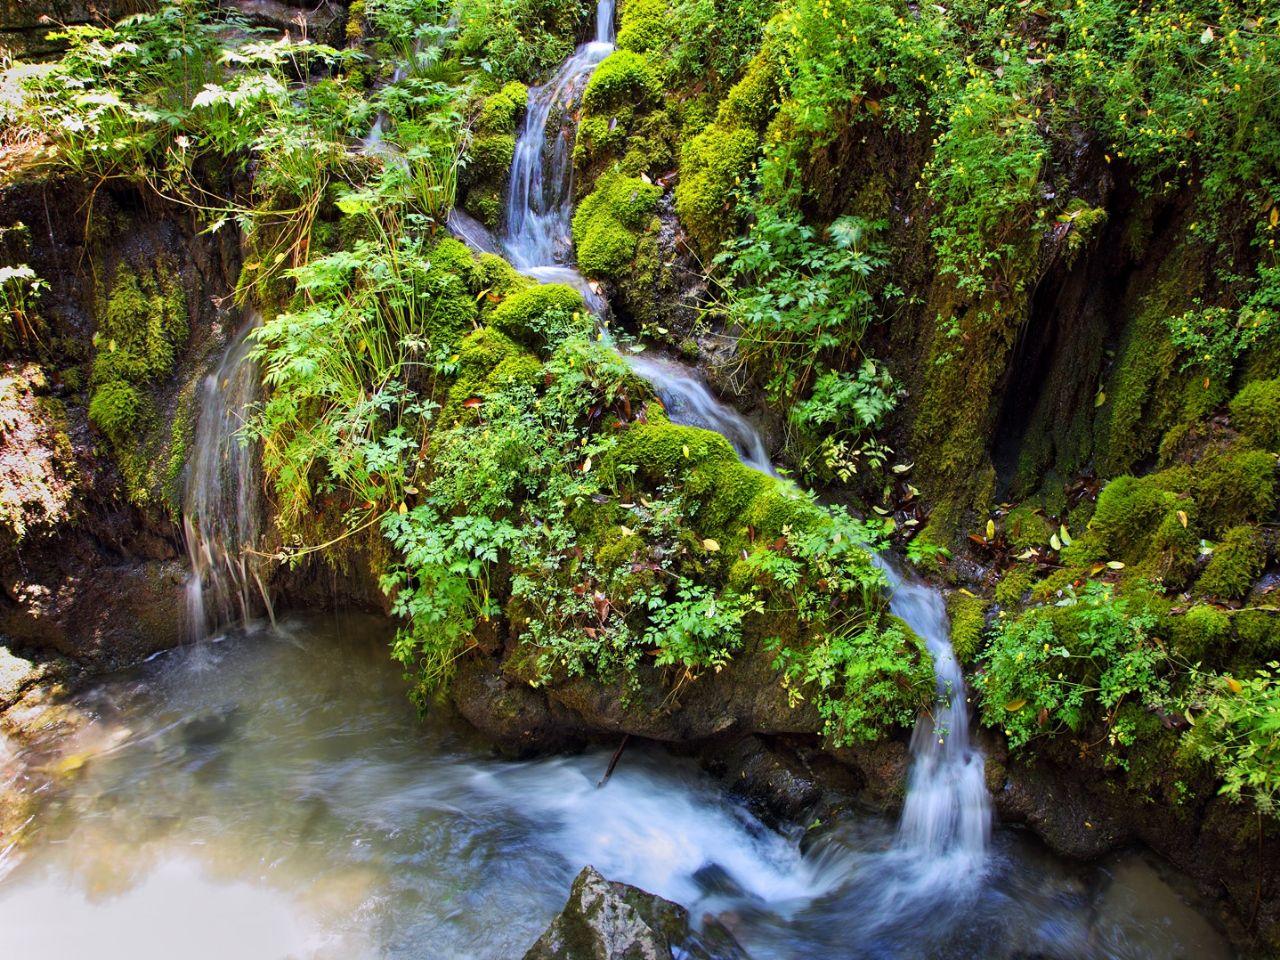 Гроты, тоннели и водопады озера Гарда Озеро Гарда, Италия